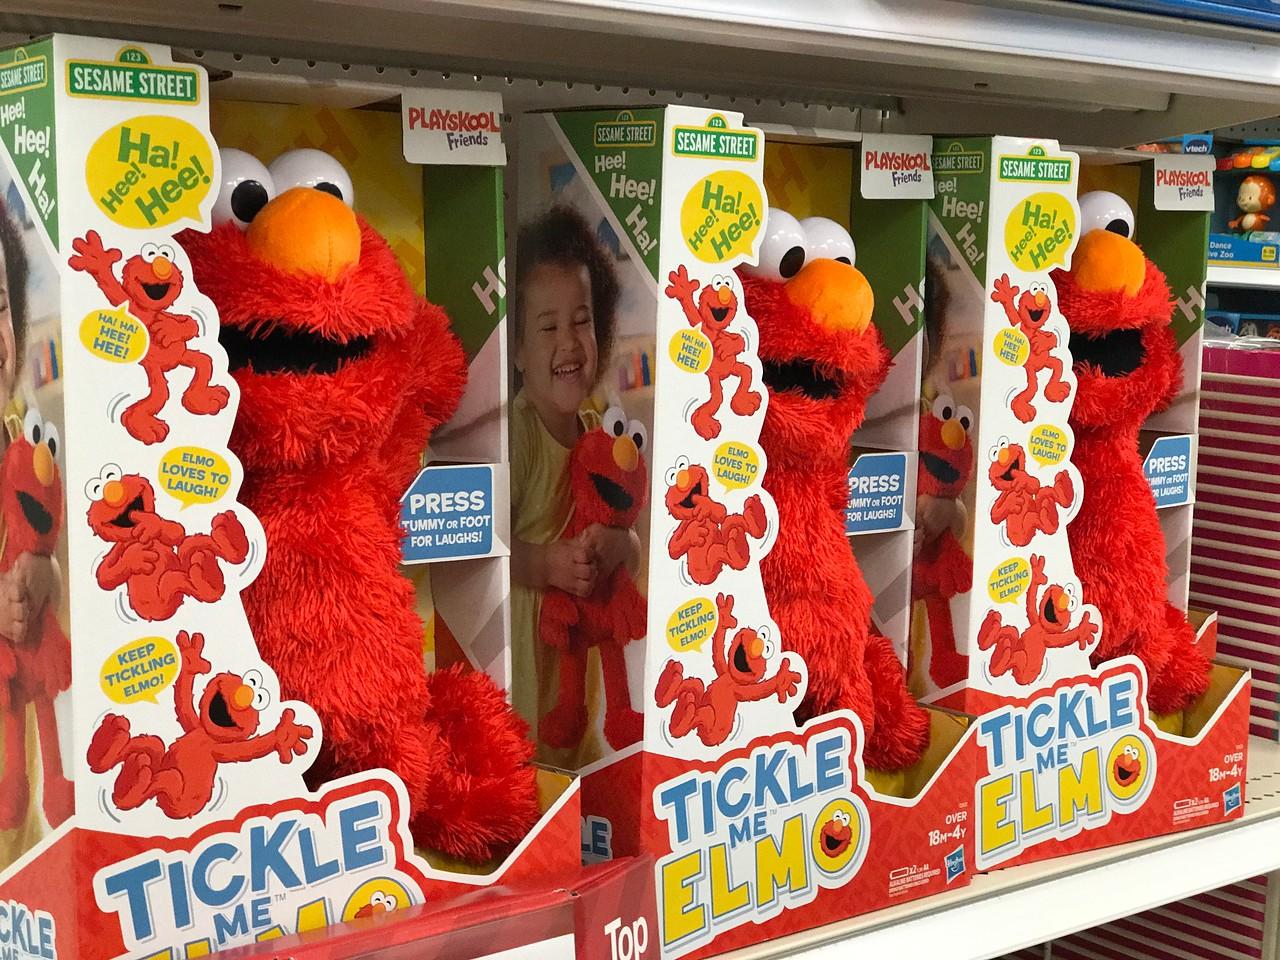 best target black friday 2018 deals – Tickle Me Elmo